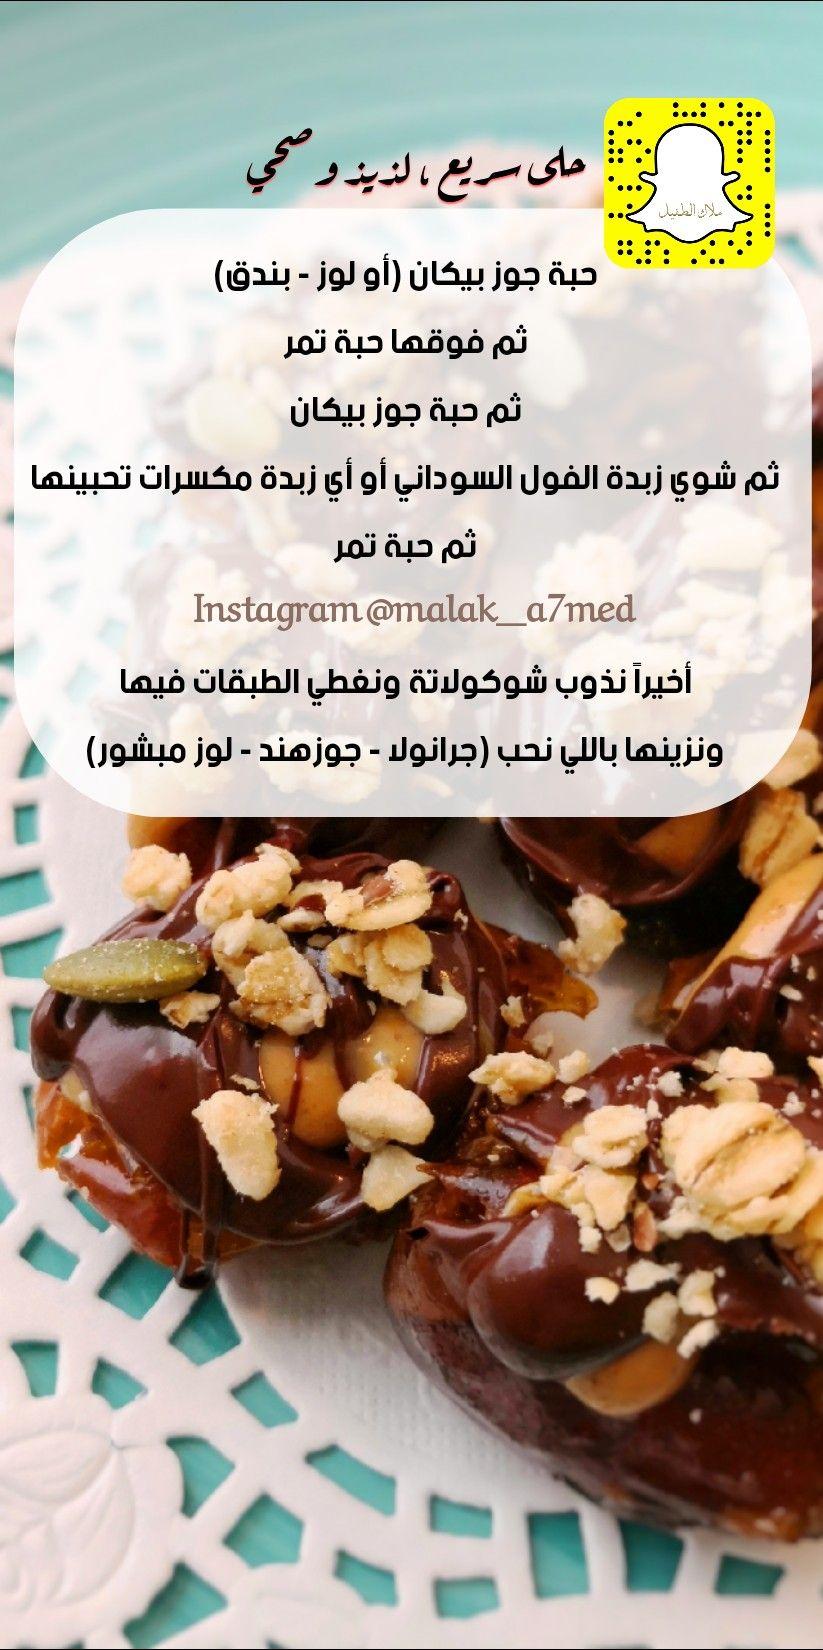 حلى سريع صحي ولذيذ Food Instagram Breakfast